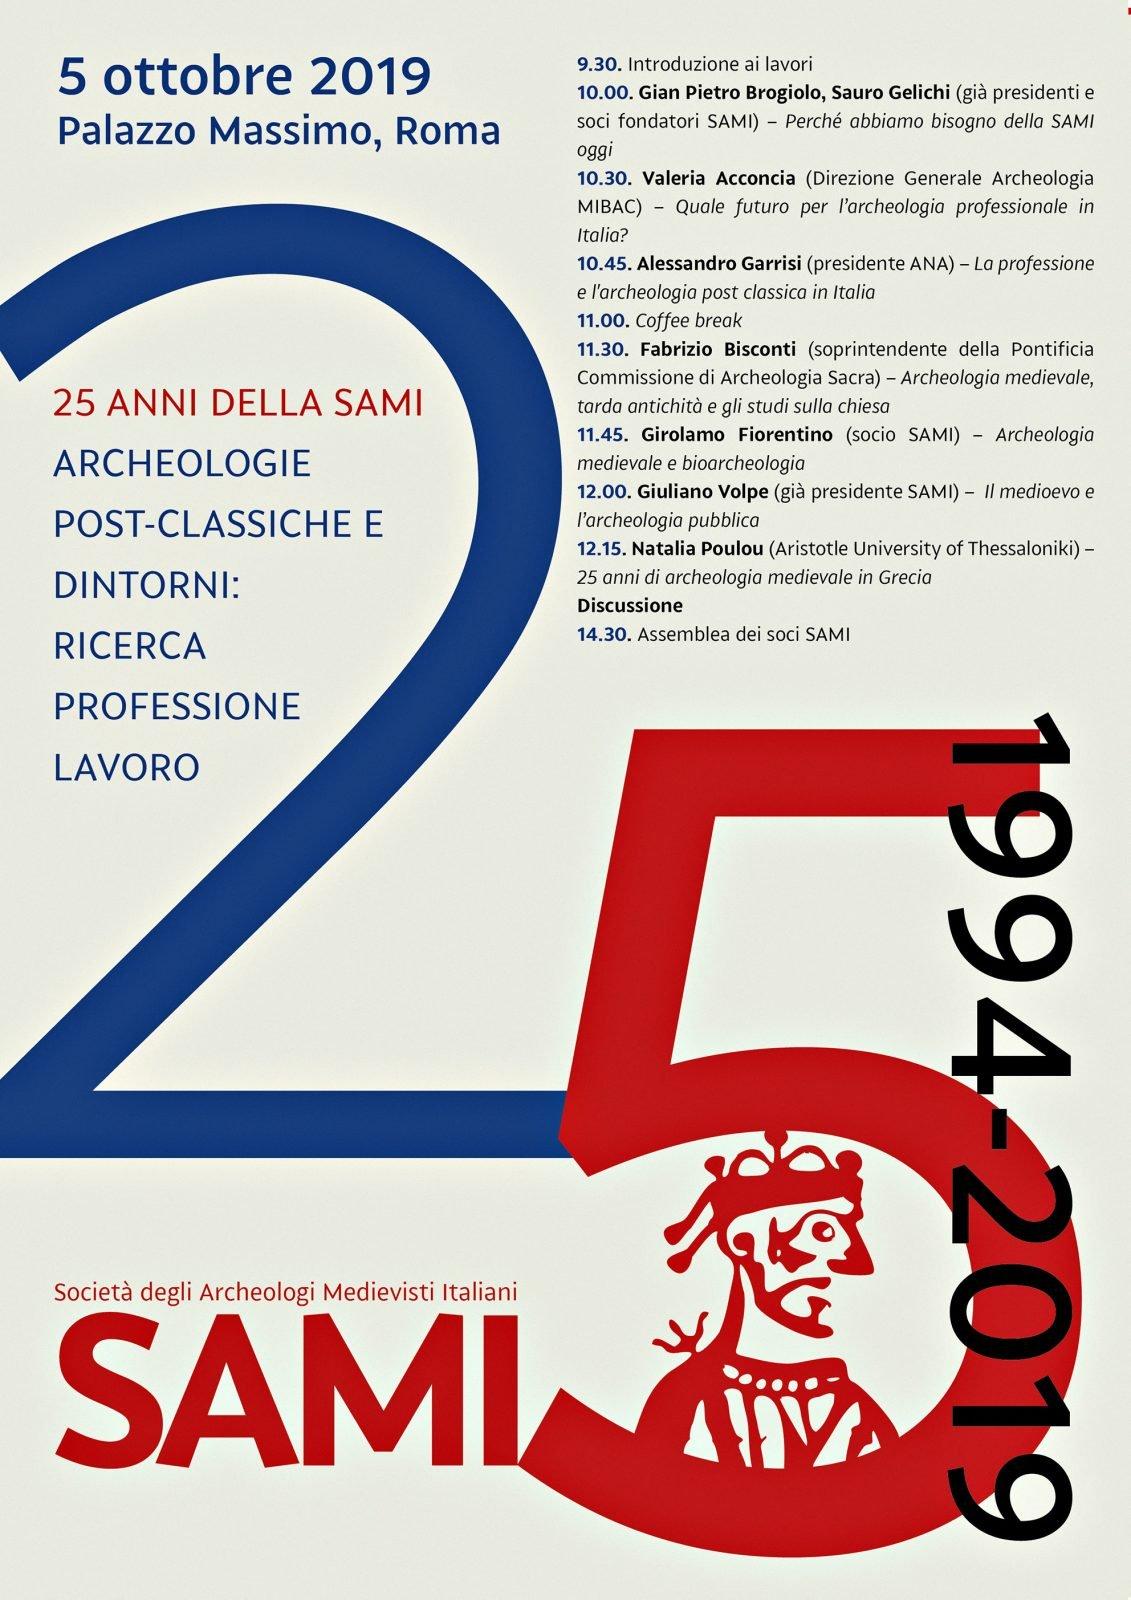 25 anni della SAMI